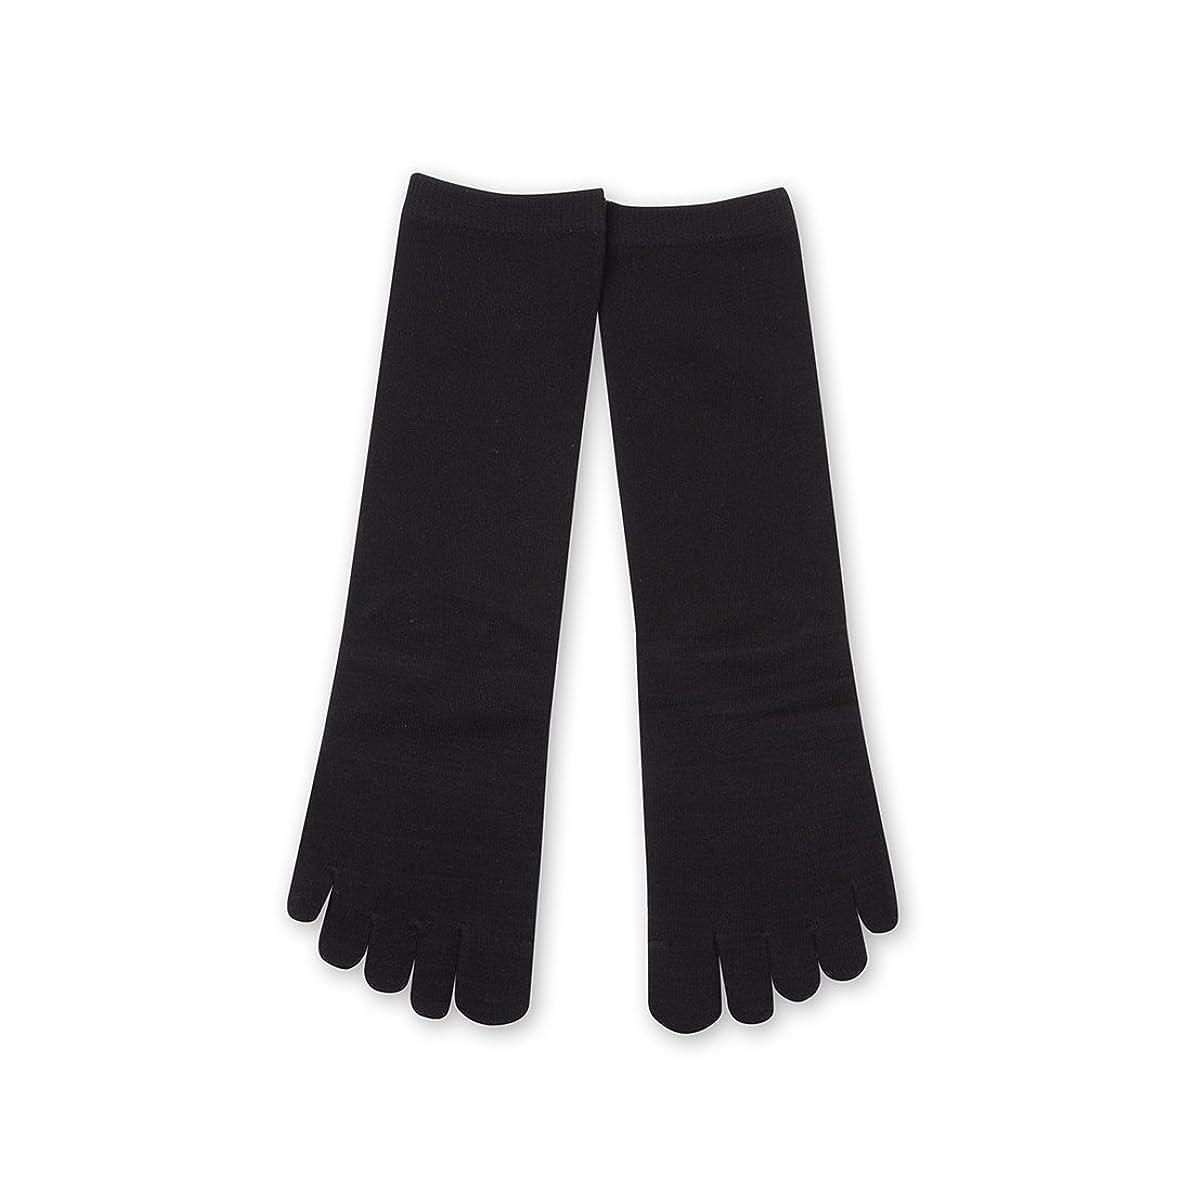 ペスト送ったたくさんDeol(デオル) 5本指 ソックス 女性用 靴下 23~25cm 黒